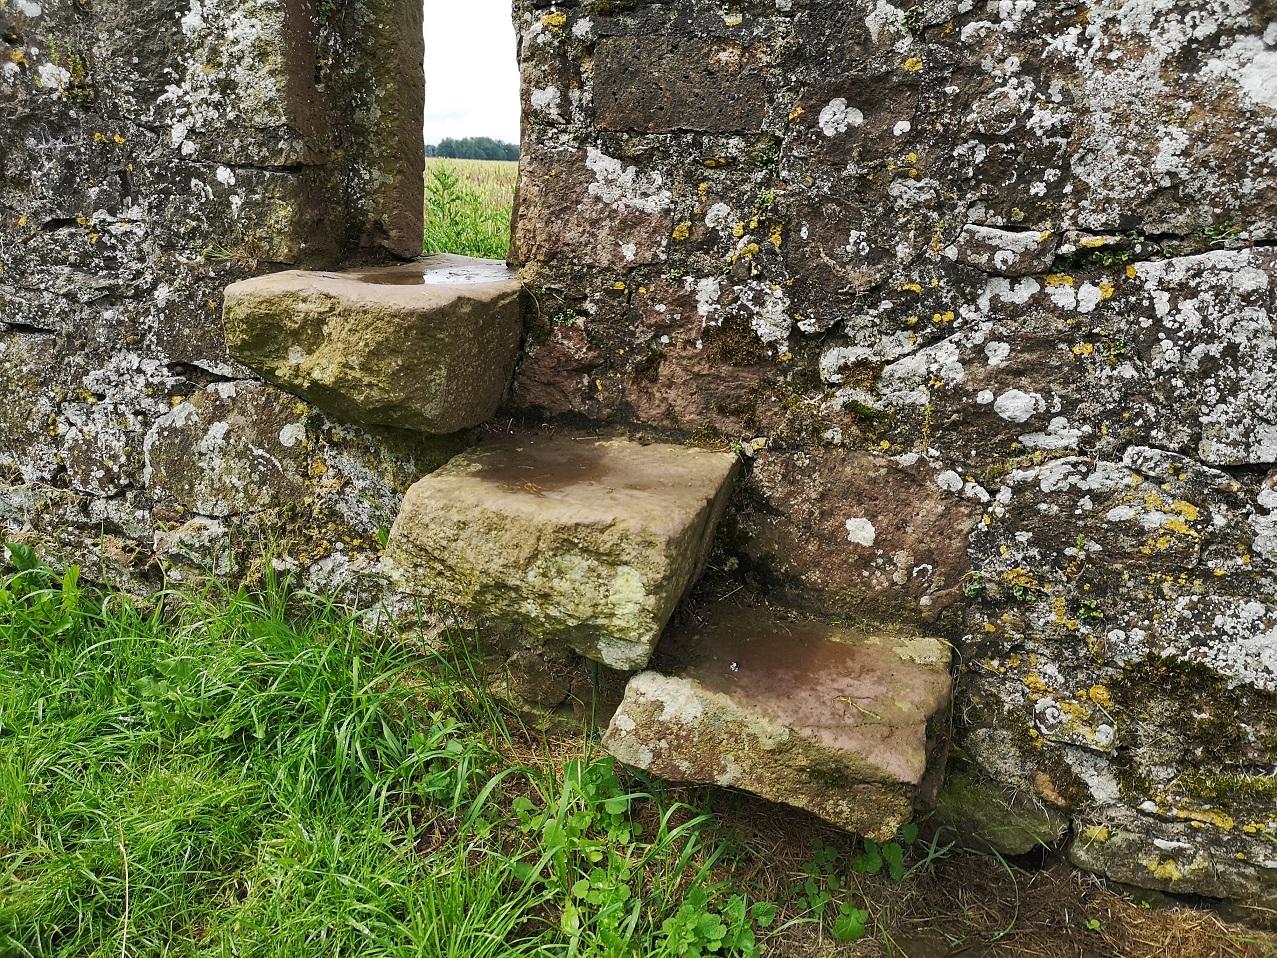 Landscape between the stones